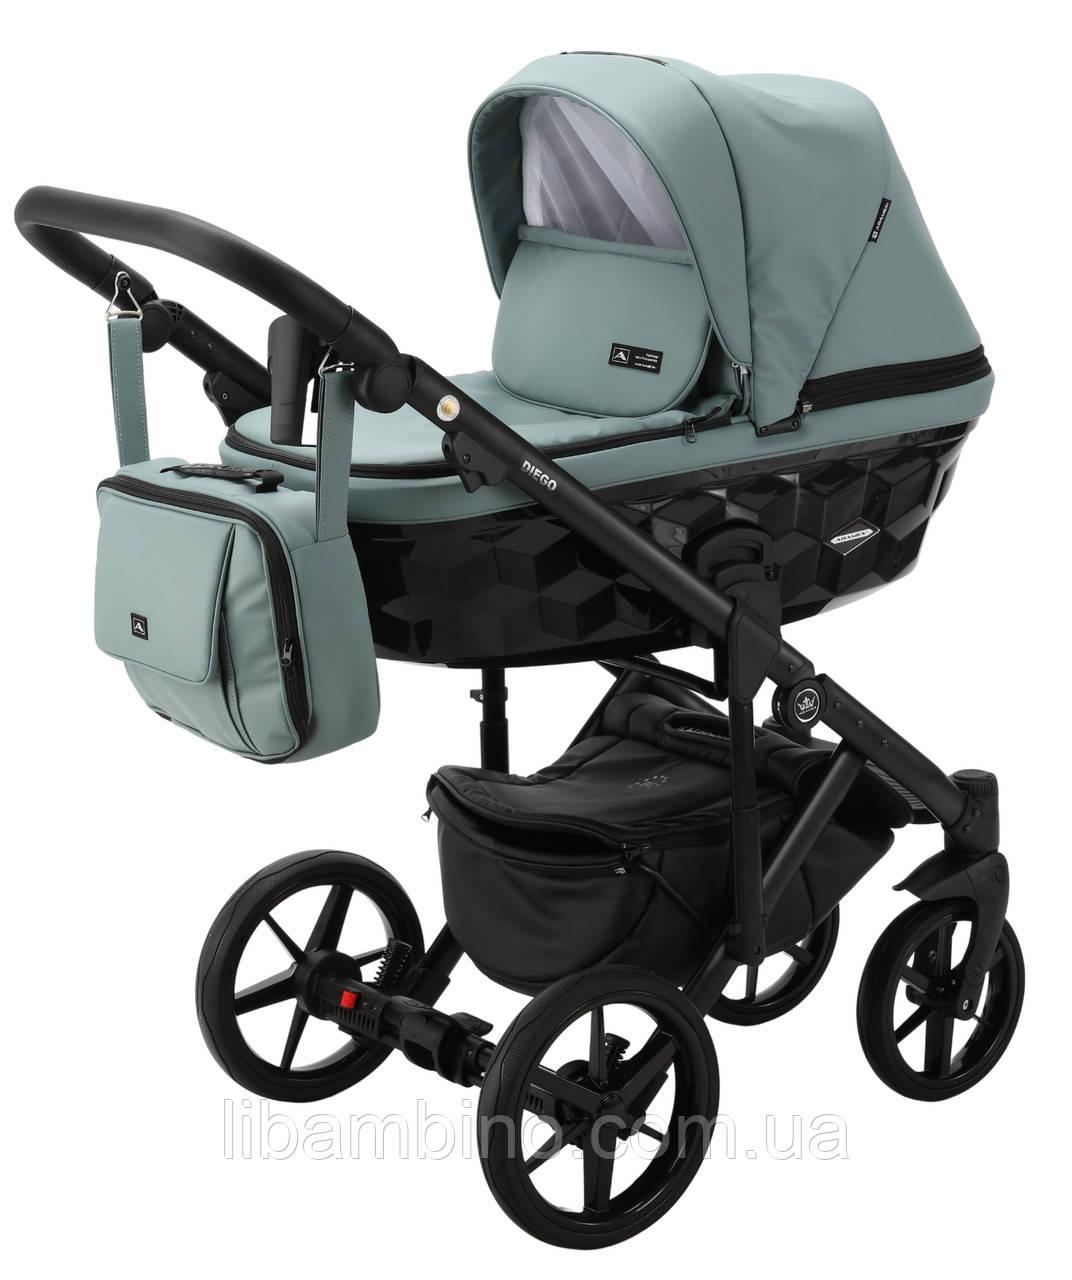 Дитяча універсальна коляска 2 в 1 Adamex Diego SA-20